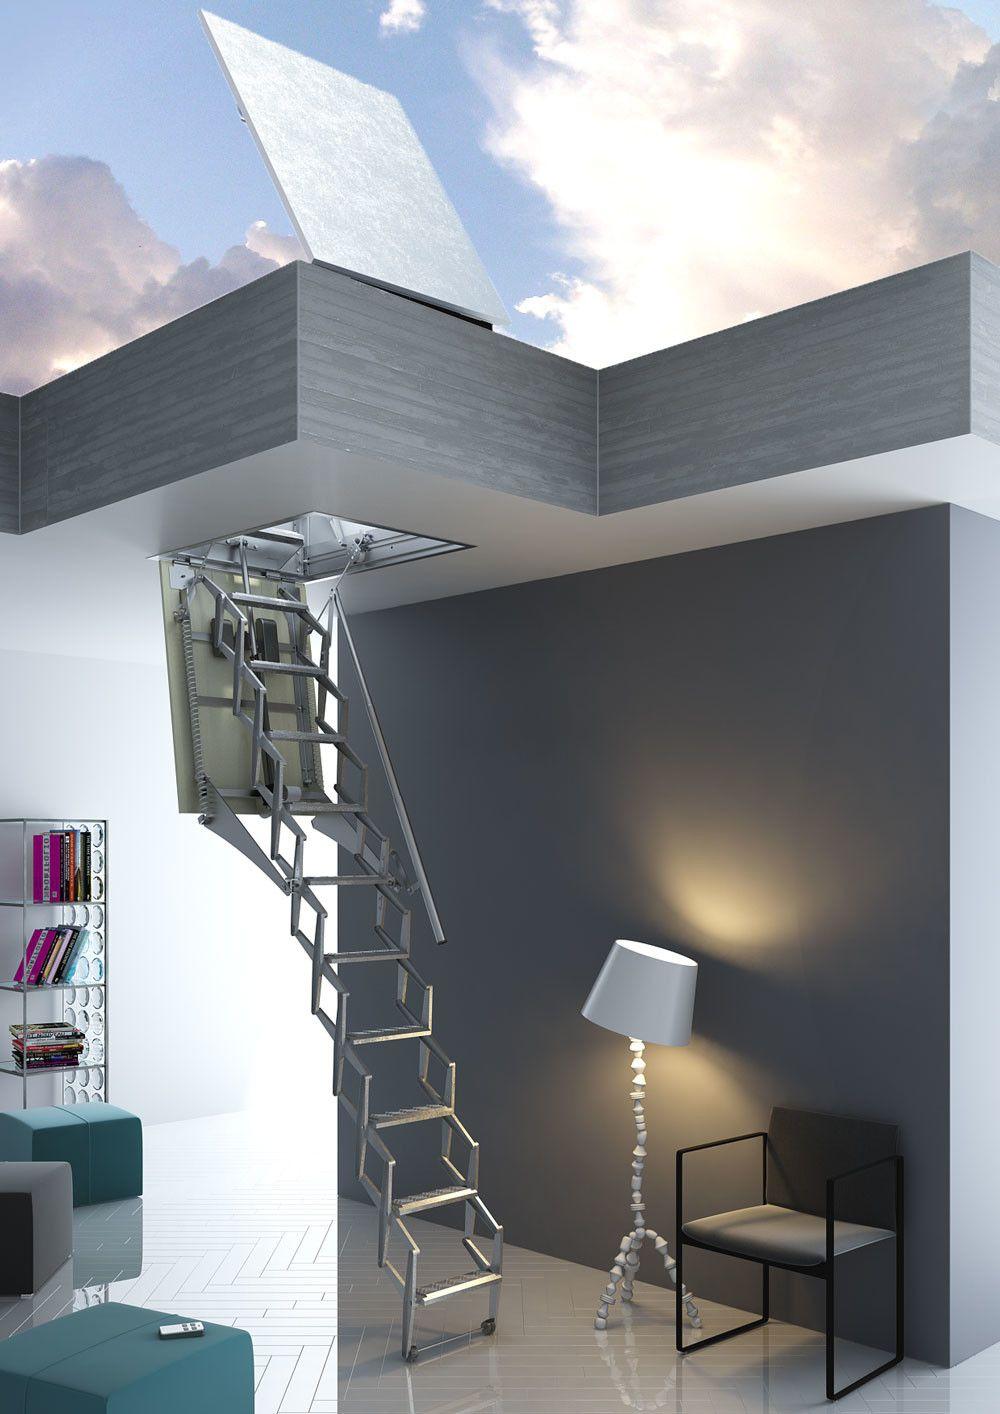 Escalera plegable de tijera para techo flexa apartamentos pinterest escaleras hogar y casas - Escalera de techo ...